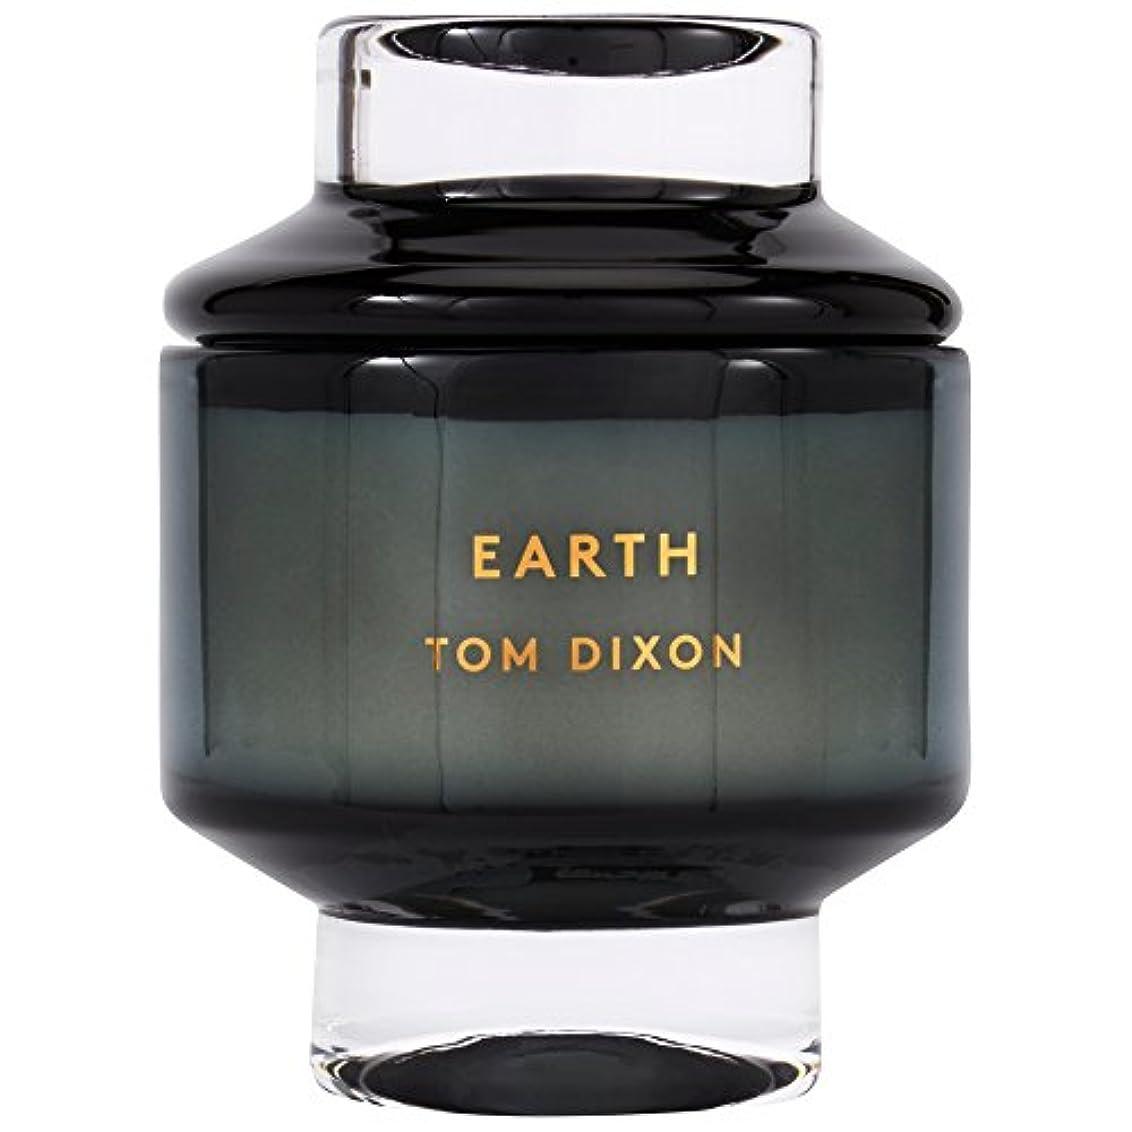 同意する優越遠いTom Dixon Earth Scented Candle Large - トムディクソン地球大の香りのキャンドル [並行輸入品]